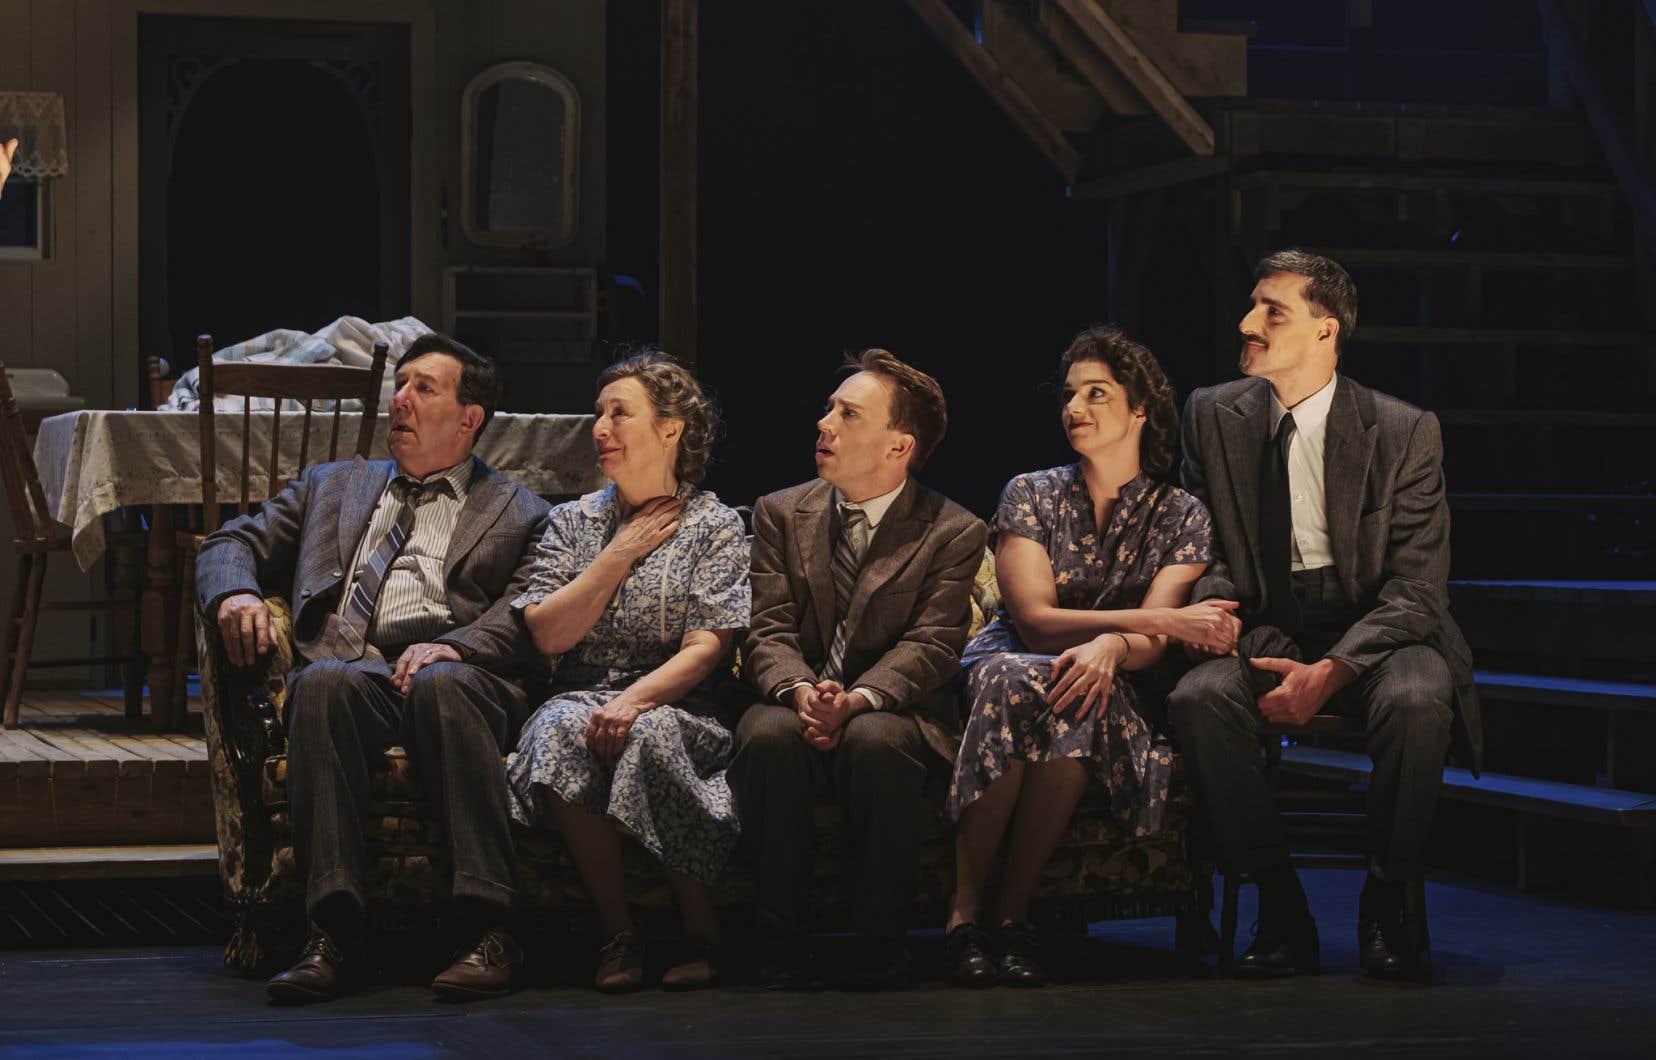 Soixante-douze ans après leur première entrée en scène, les Plouffe demeurent captivants: on se reconnaît en eux, on rit et on s'émeut en leur compagnie.